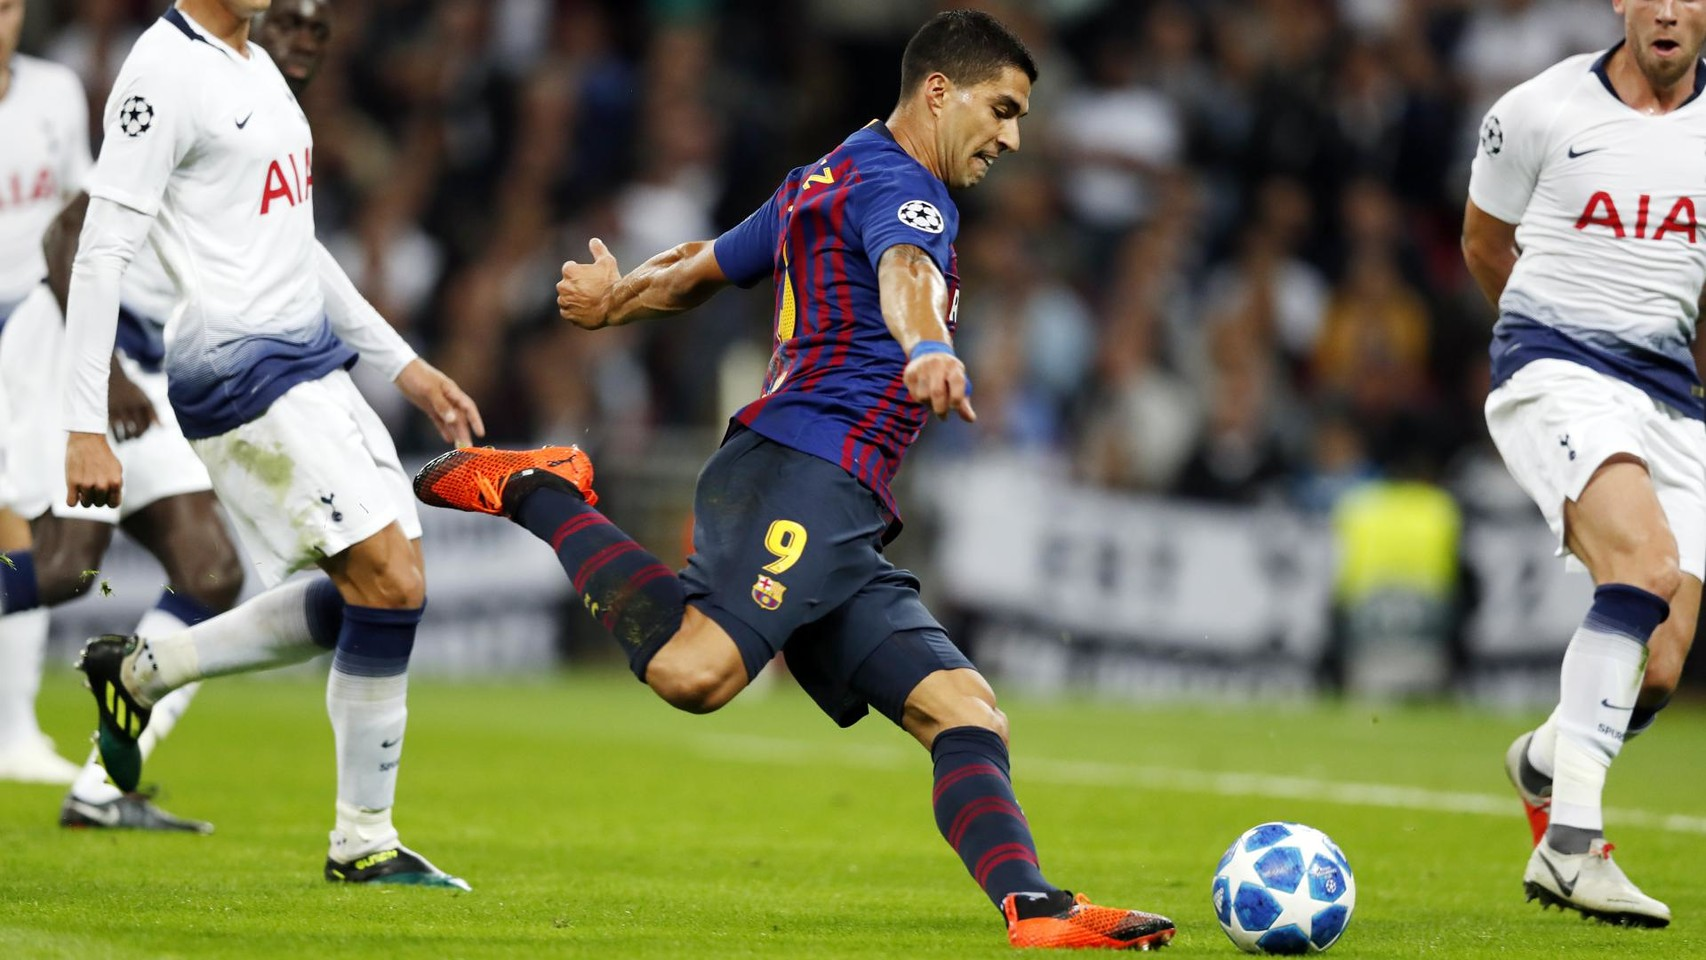 صور مباراة : توتنهام - برشلونة 2-4 ( 03-10-2018 )  100648032